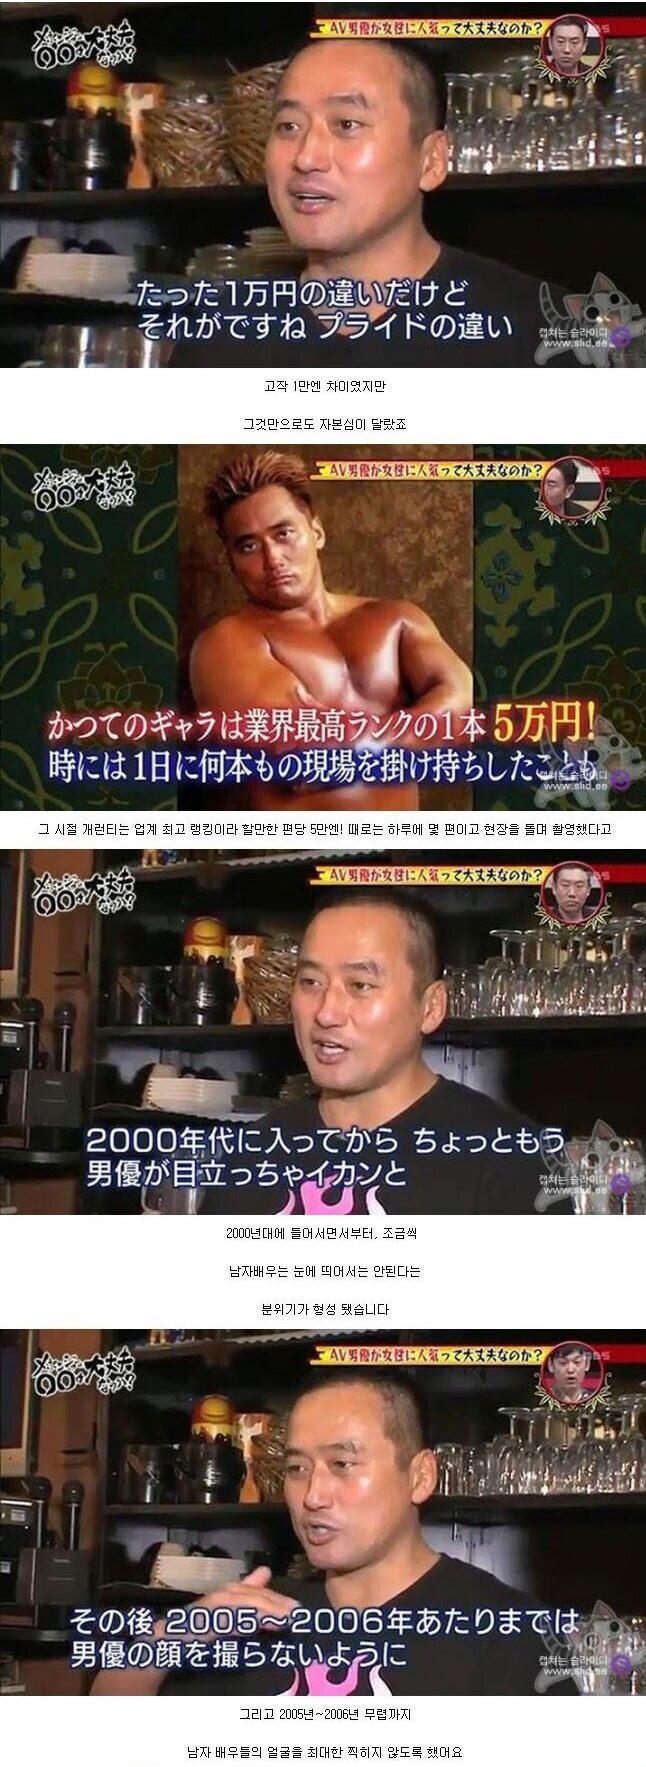 여성향 로맨틱 AV에 열광하는 일본여성들 - 꾸르